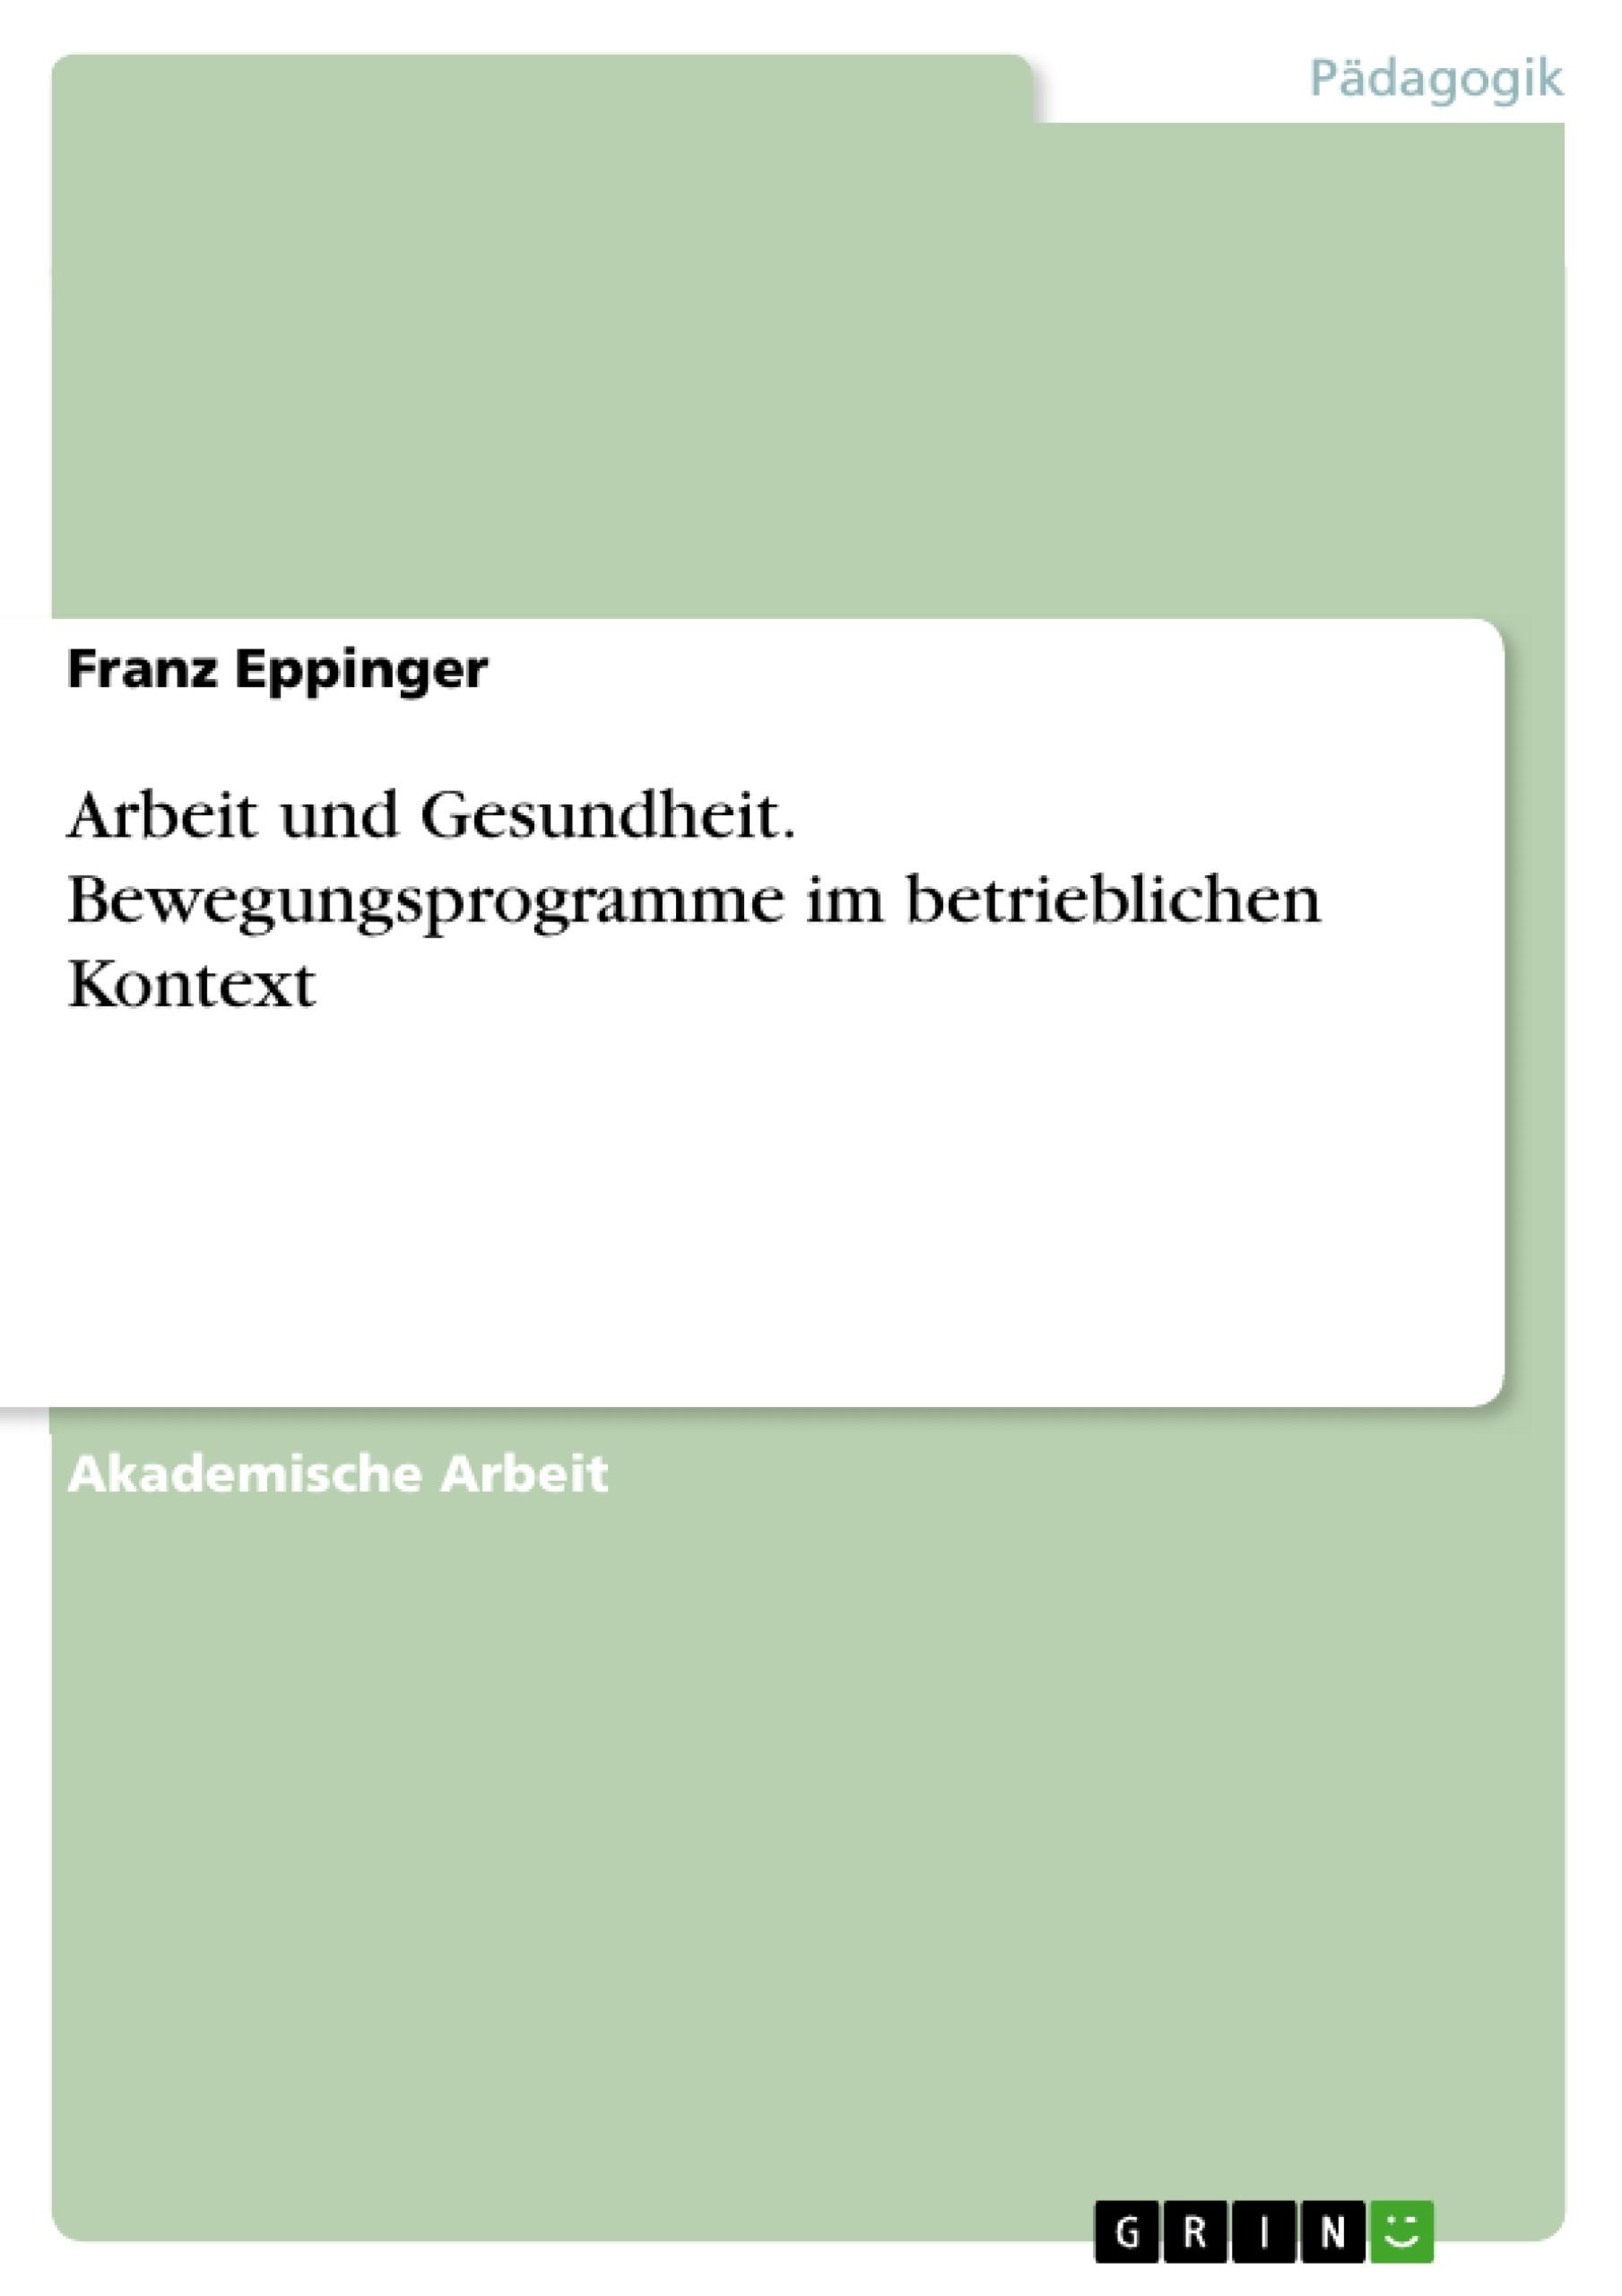 Titel: Arbeit und Gesundheit. Bewegungsprogramme im betrieblichen Kontext